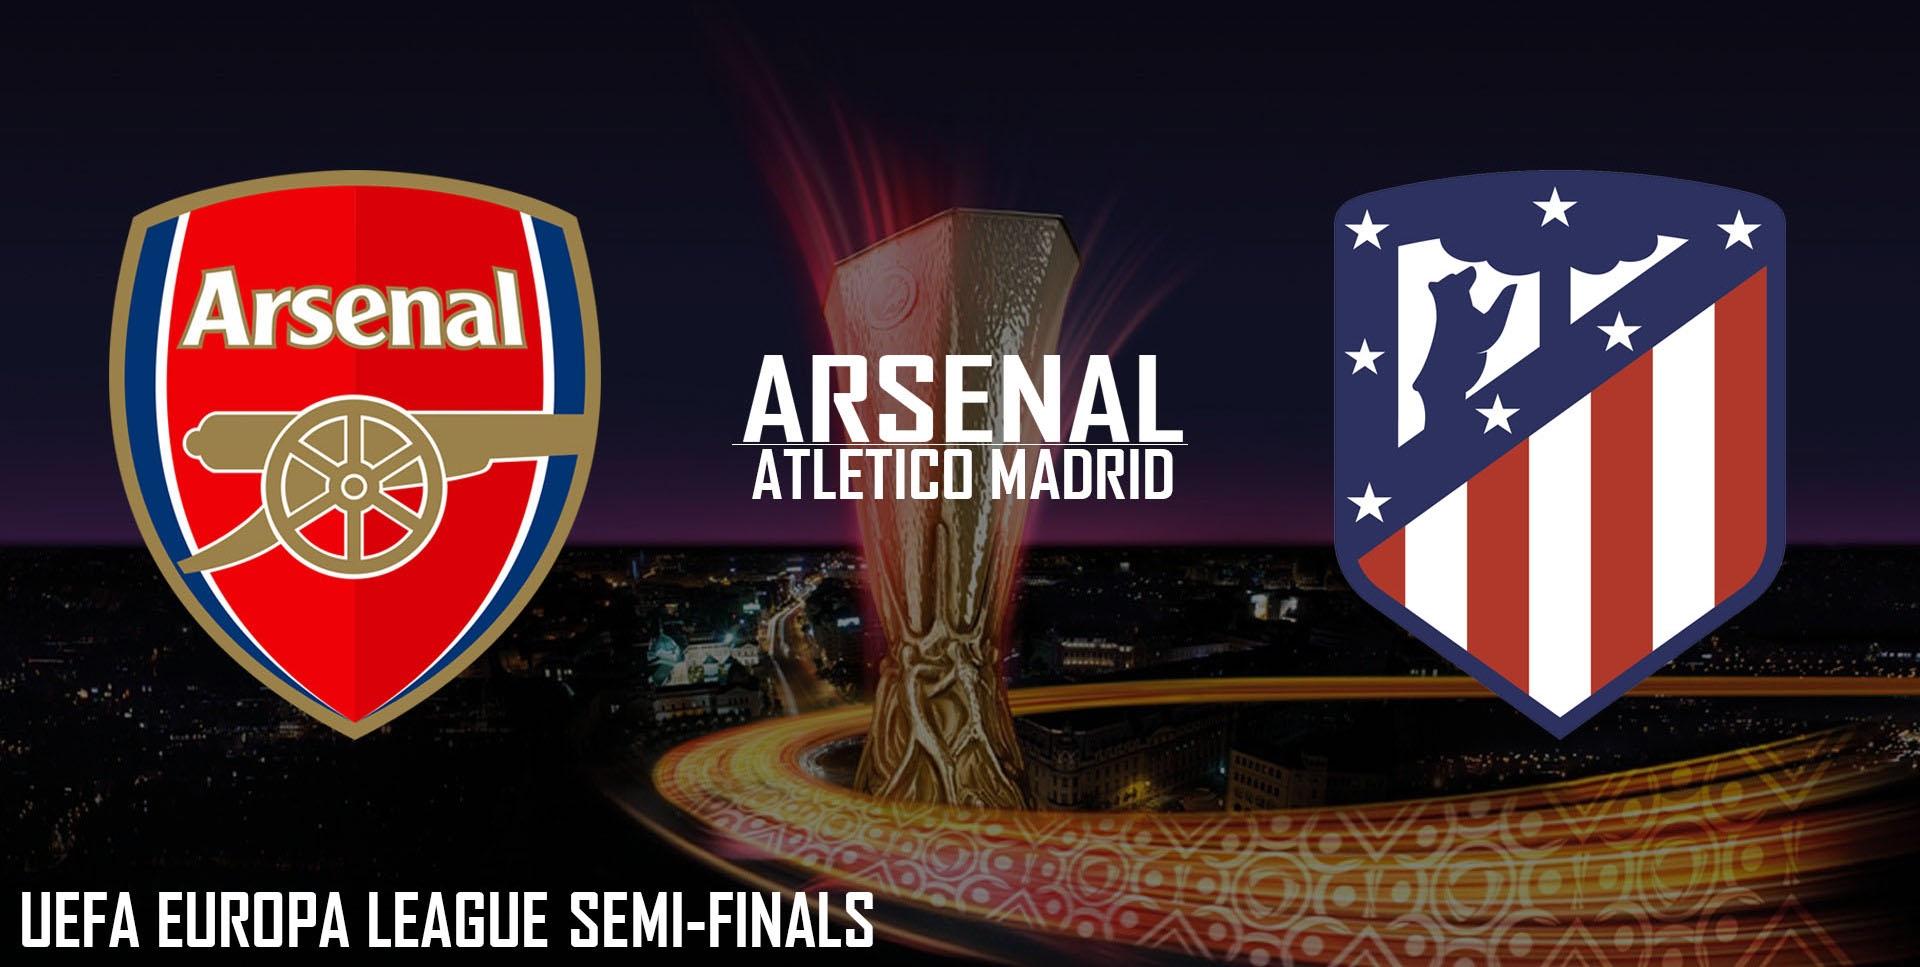 Тази вечер е отборите на Арсенал и Атлетико Мадрид ще